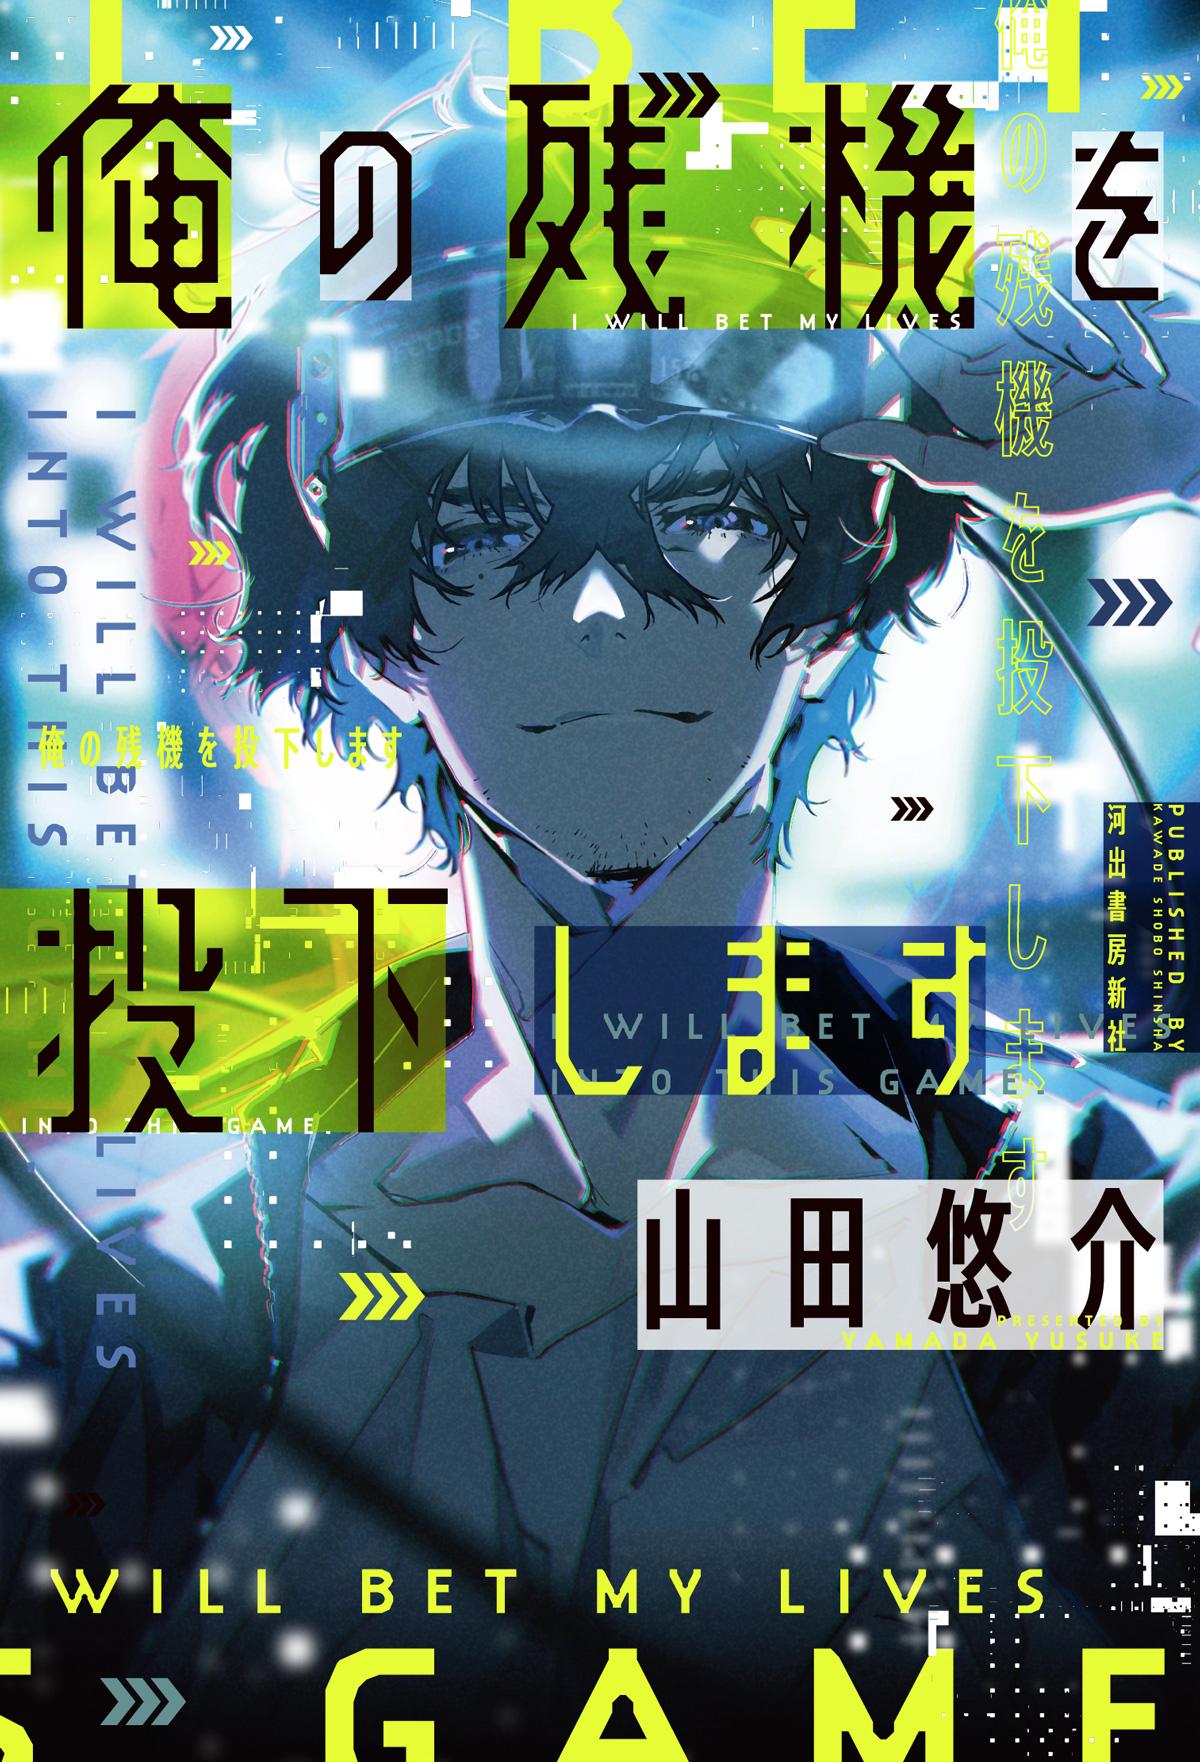 ⼭⽥悠介先生最新刊「俺の残機を投下します」PV公開!梶裕貴さん・花澤香菜さん参加